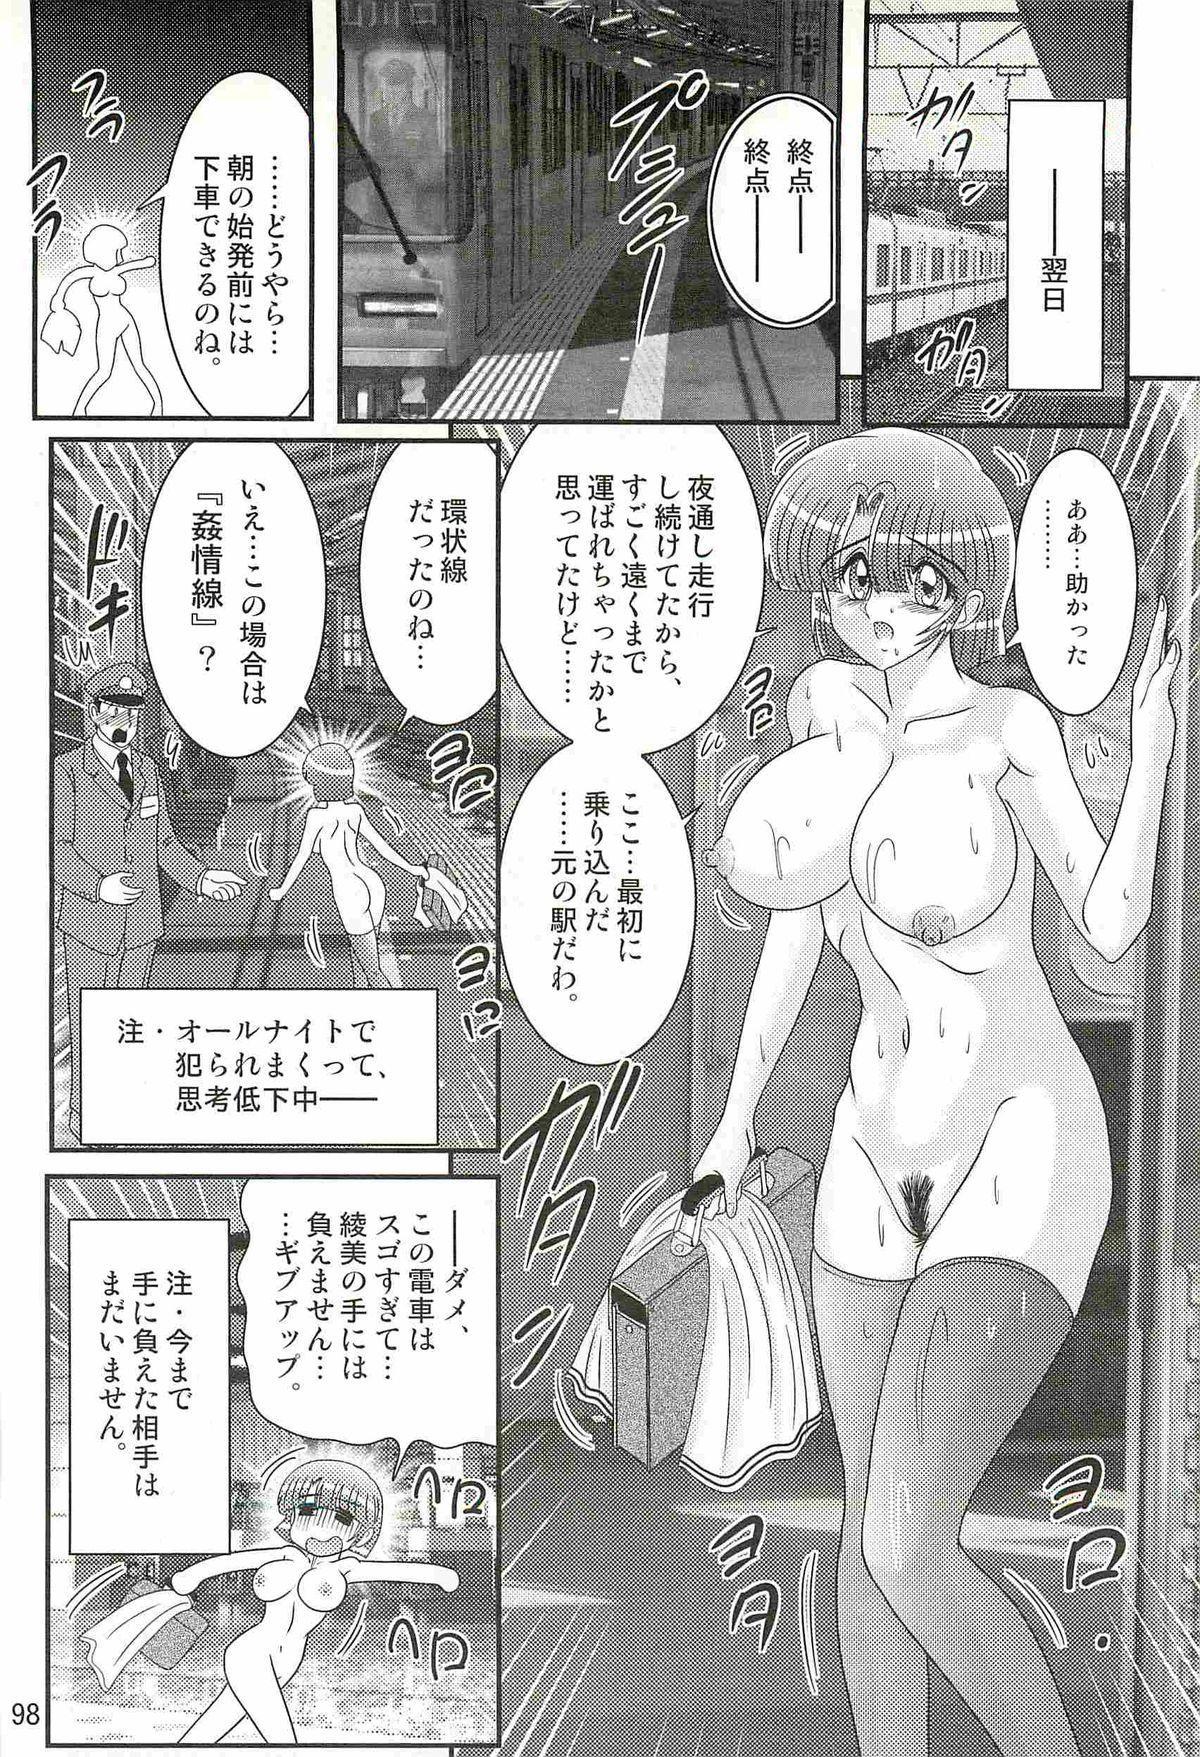 Seirei Tokusou Fairy Saber W - Undead Rape 101